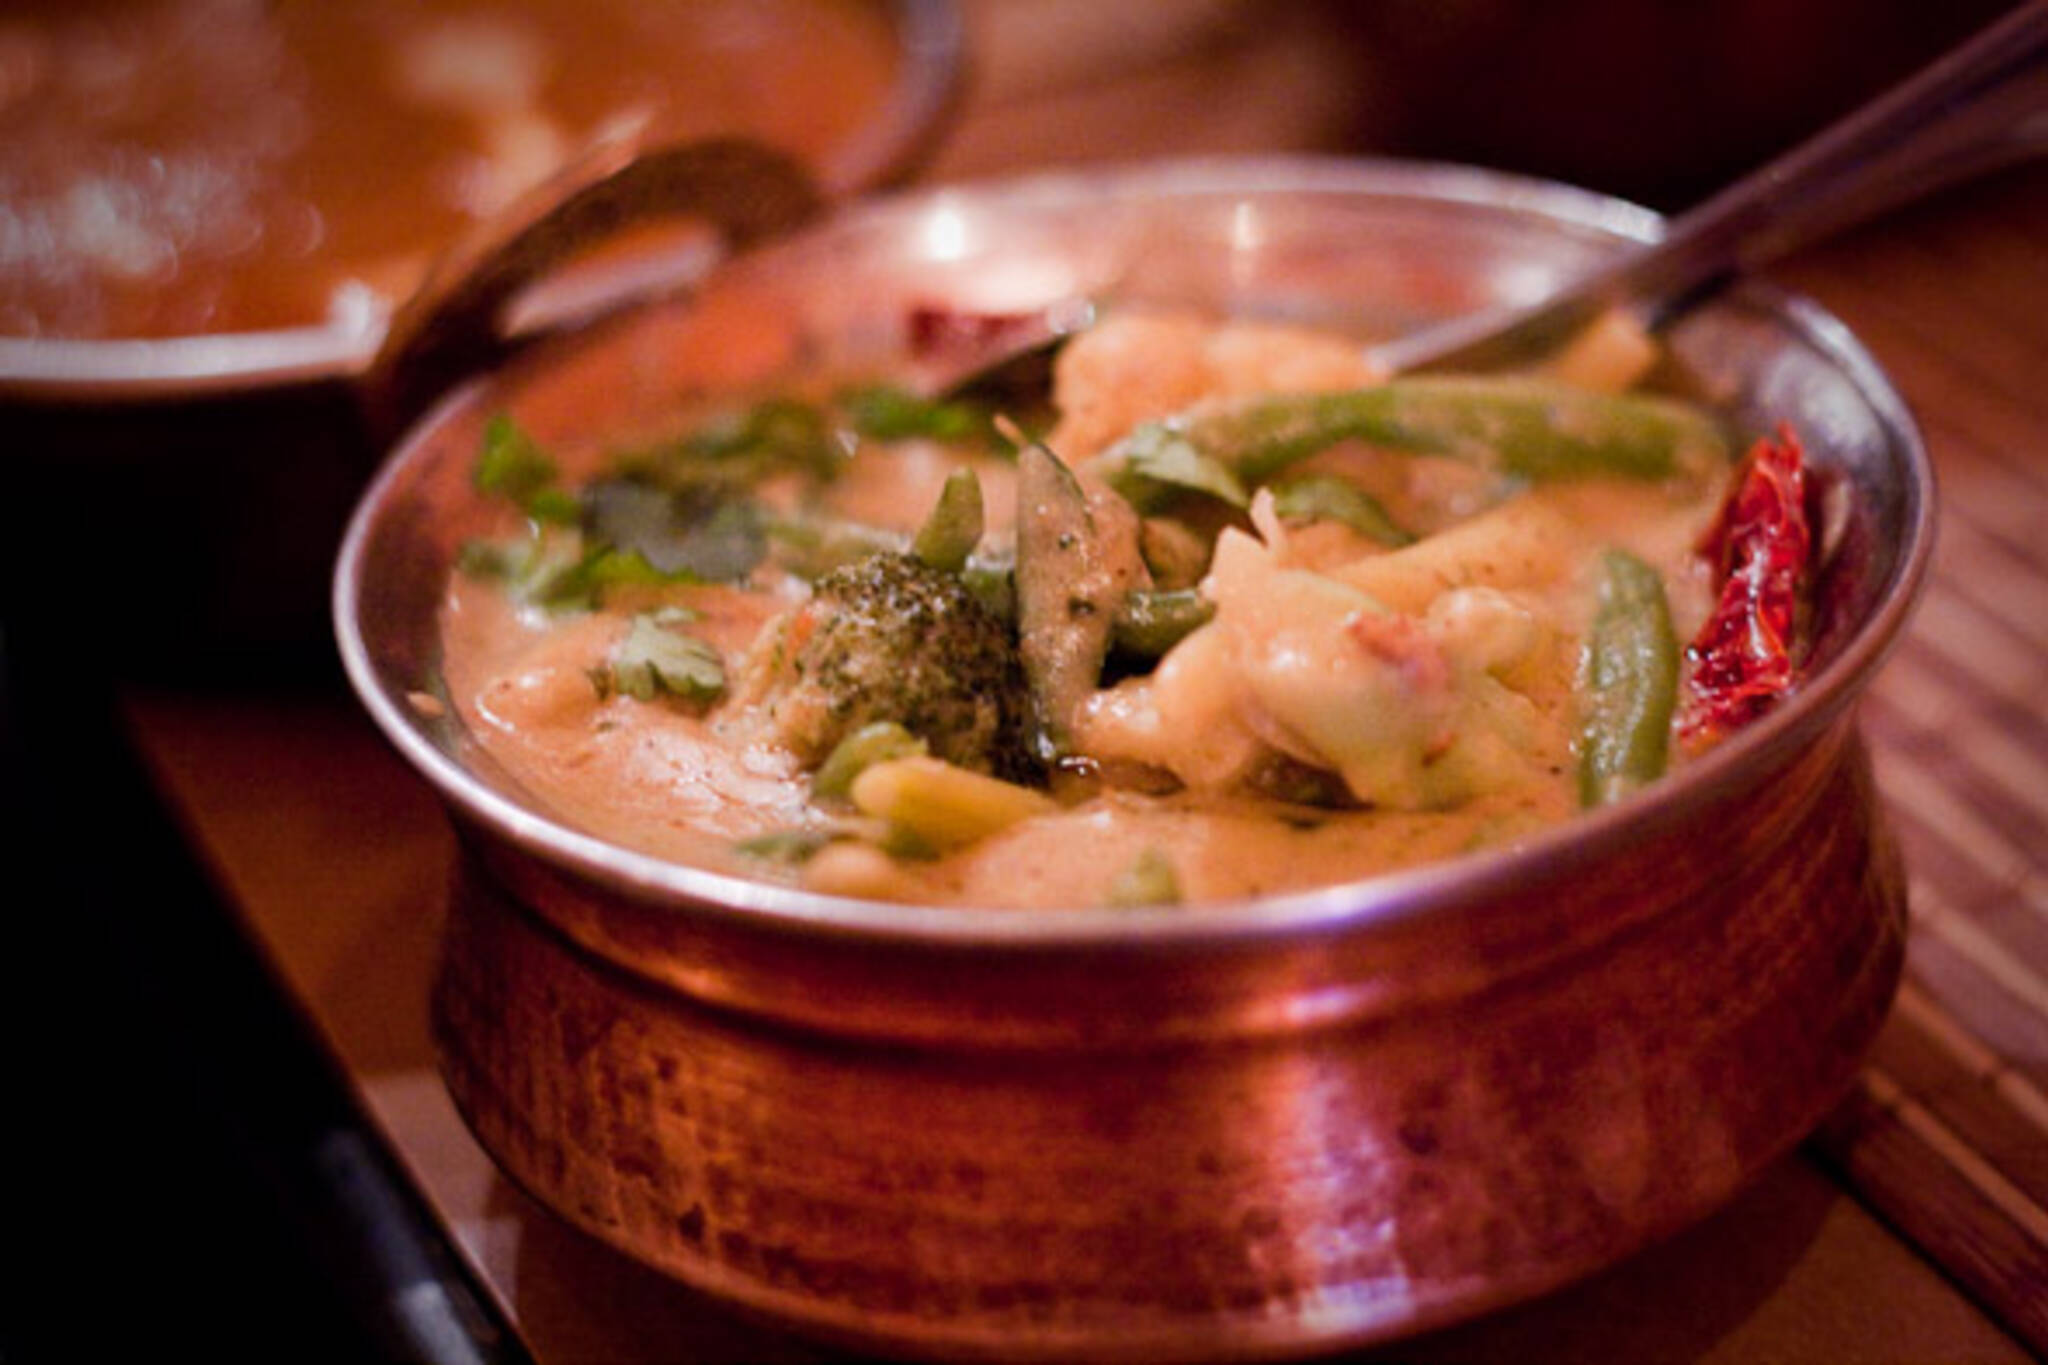 Malabari cuisine